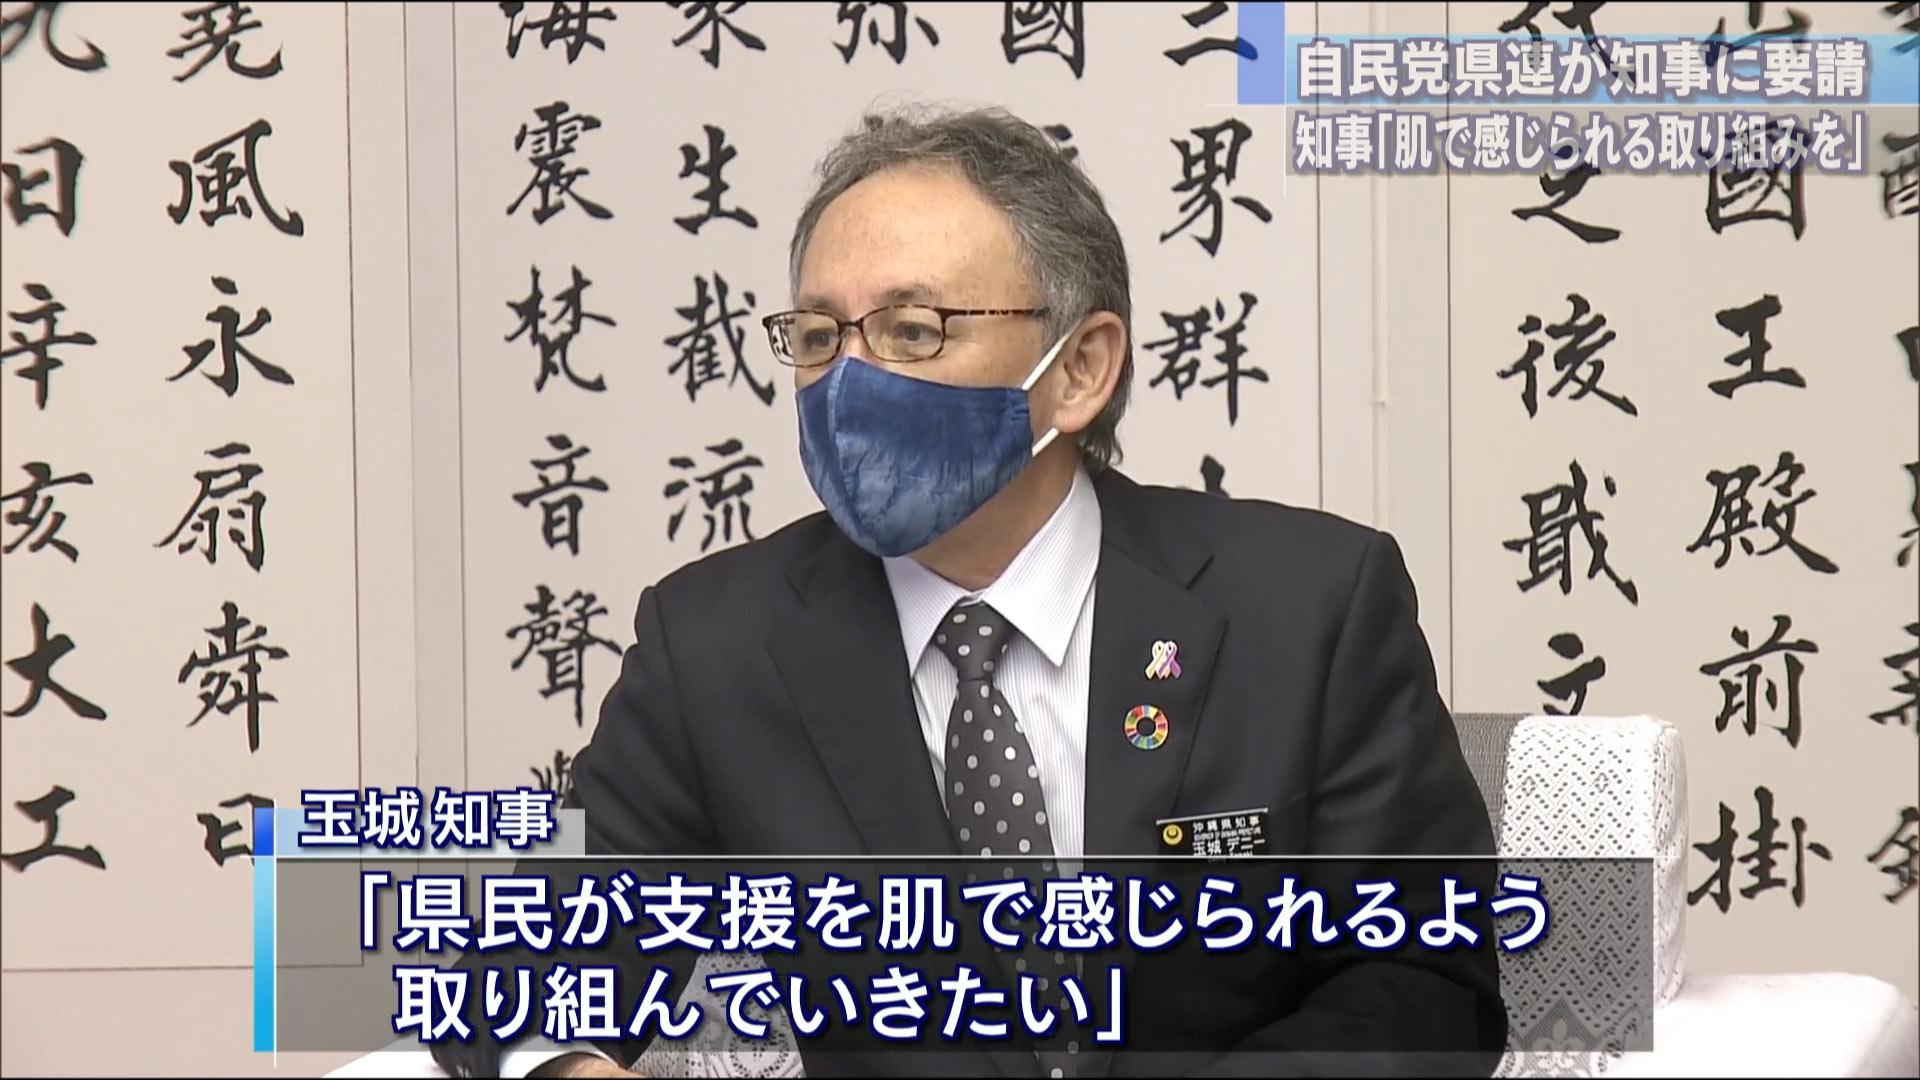 自民党沖縄県連が知事に財政支援を要請